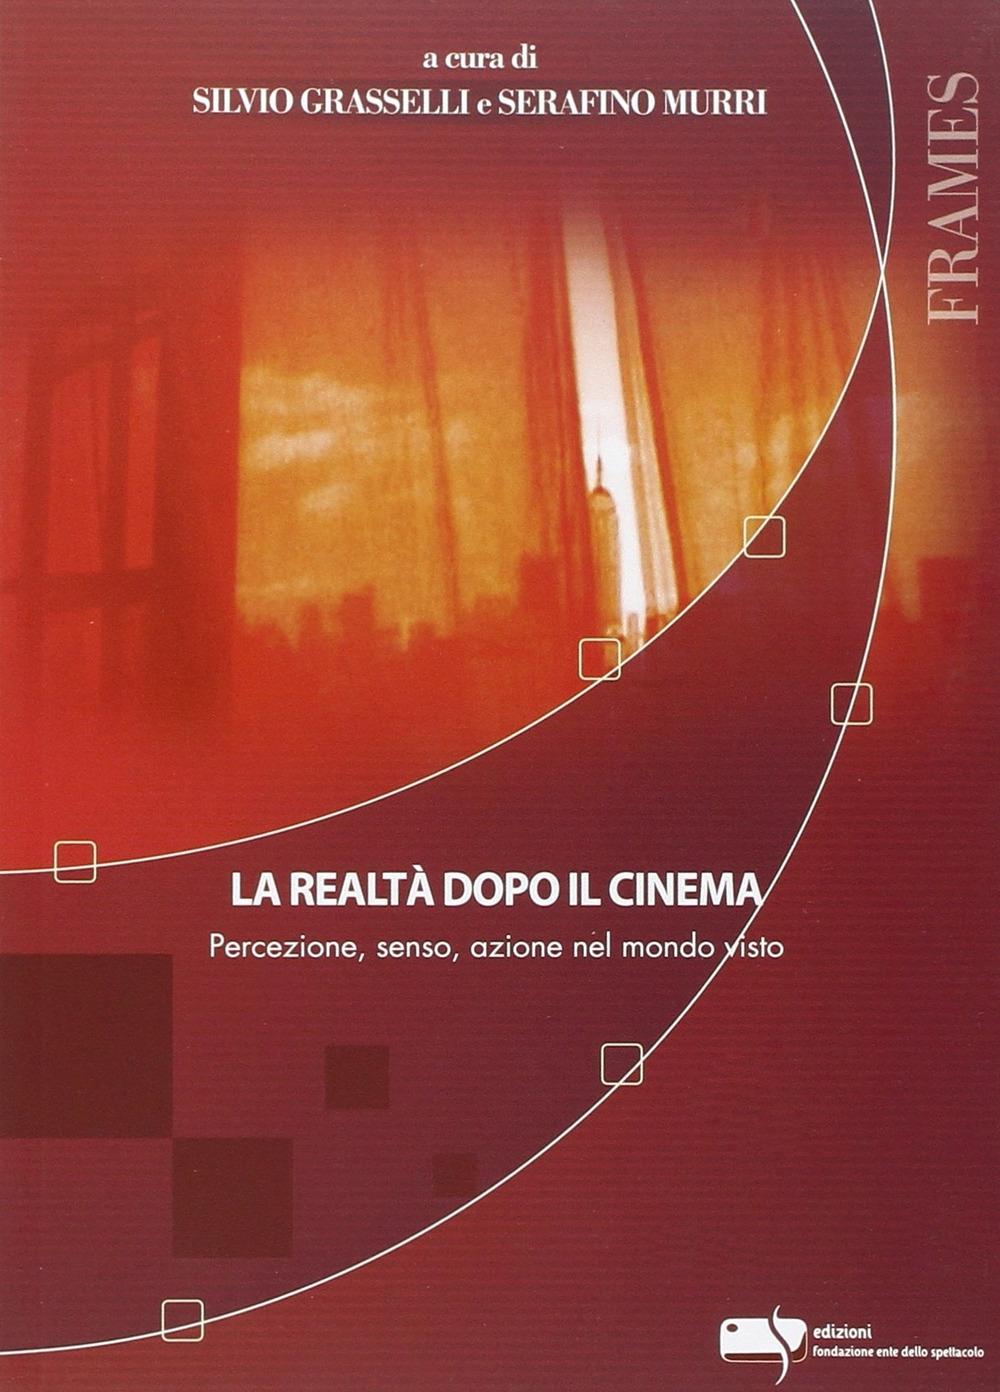 La realtà dopo il cinema. Percezione, senso, azione nel mondo visto